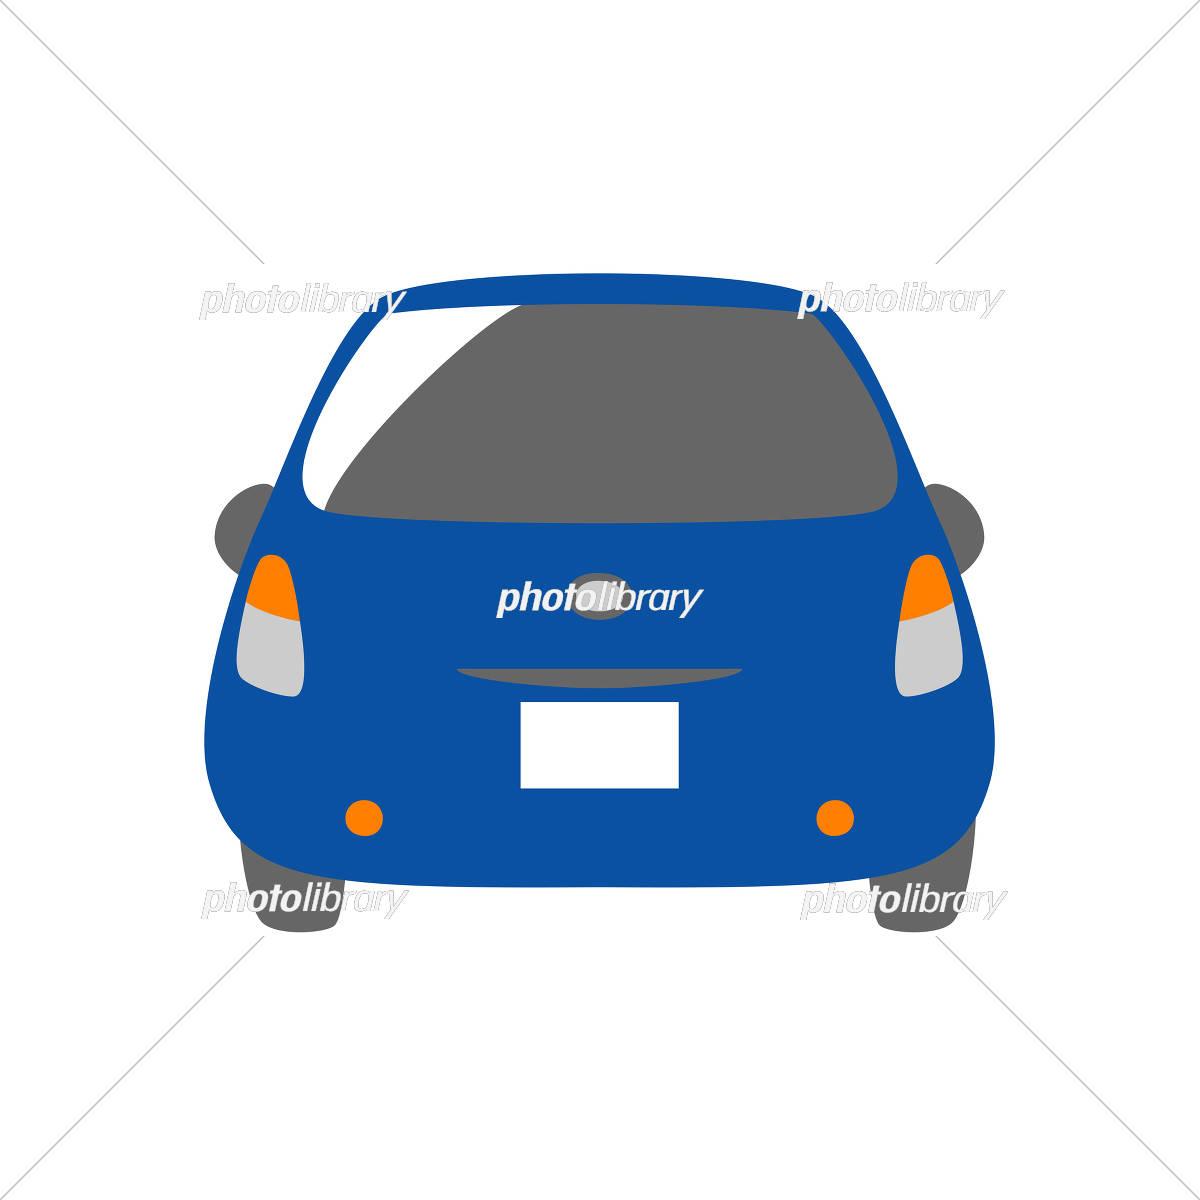 青い車 背面 イラスト素材 [ 5327195 ] - フォトライブラリー photolibrary